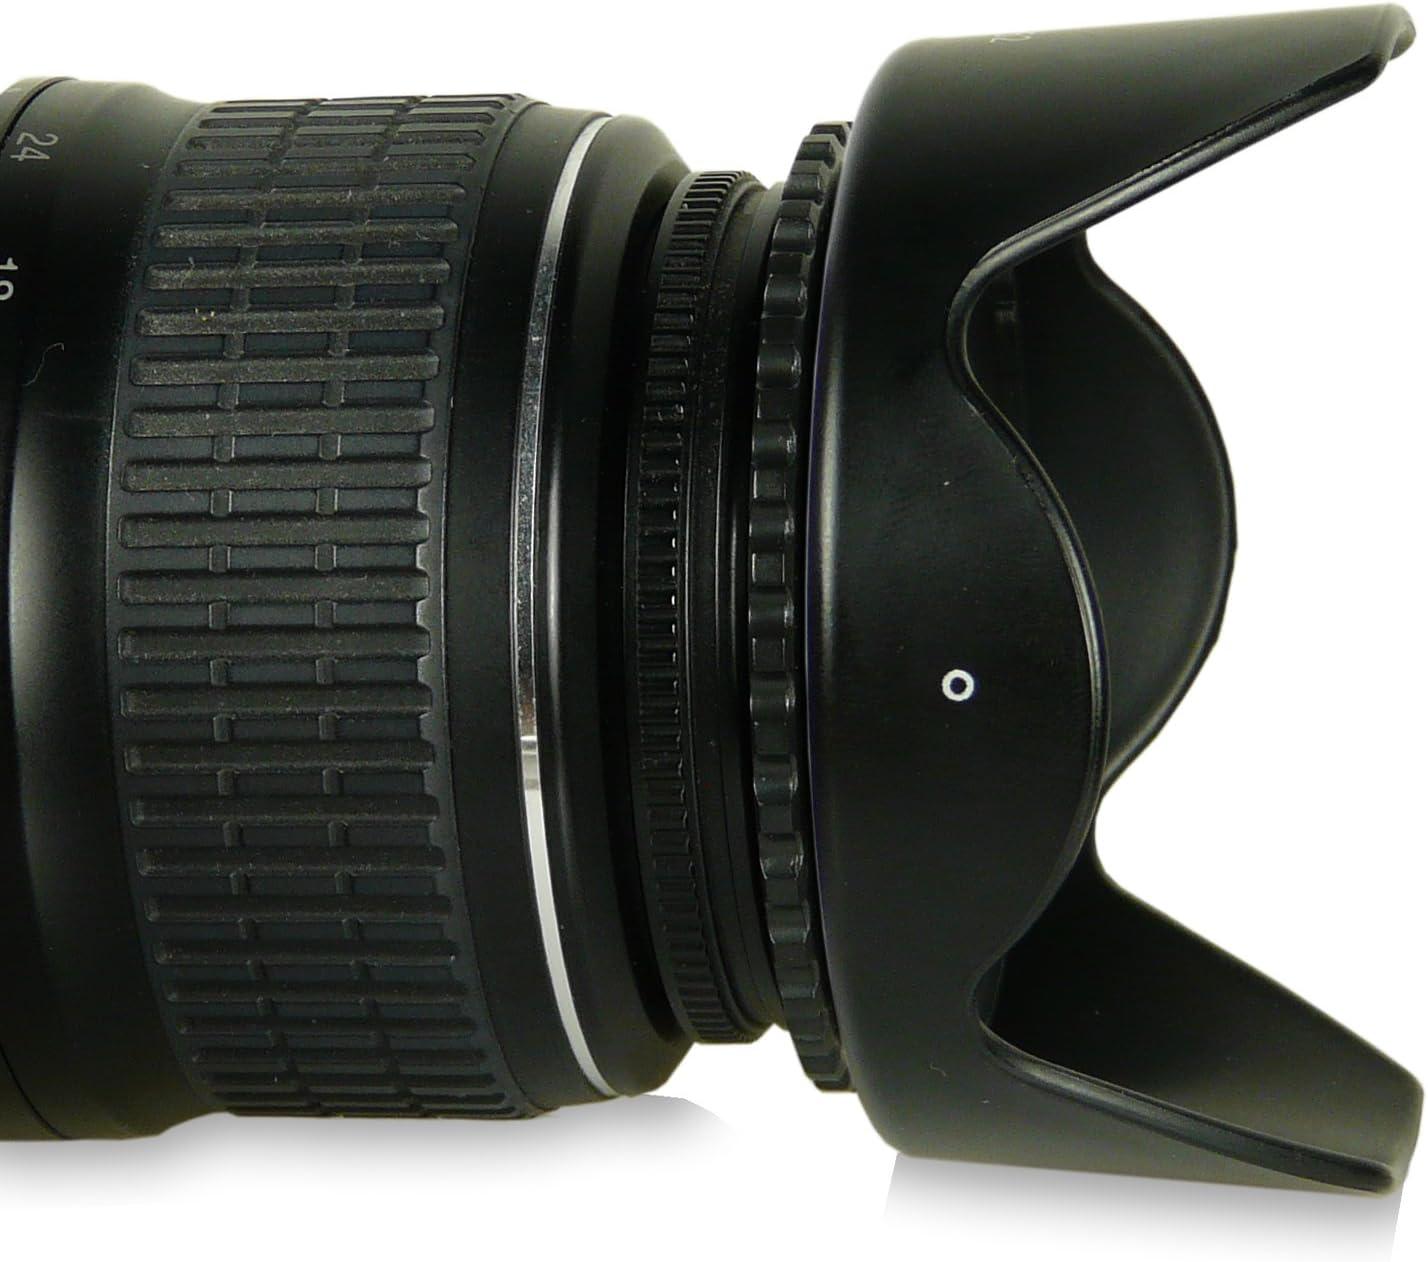 450 700 500 380 550 SLT-35 smardy 390 330 55mm Gegenlichtblende f/ür Canon EOS 1100D SLT-37. 230 290 580 Sony Alpha 100 Sony Alpha SLT-33 600D 350 Alpha 7 200